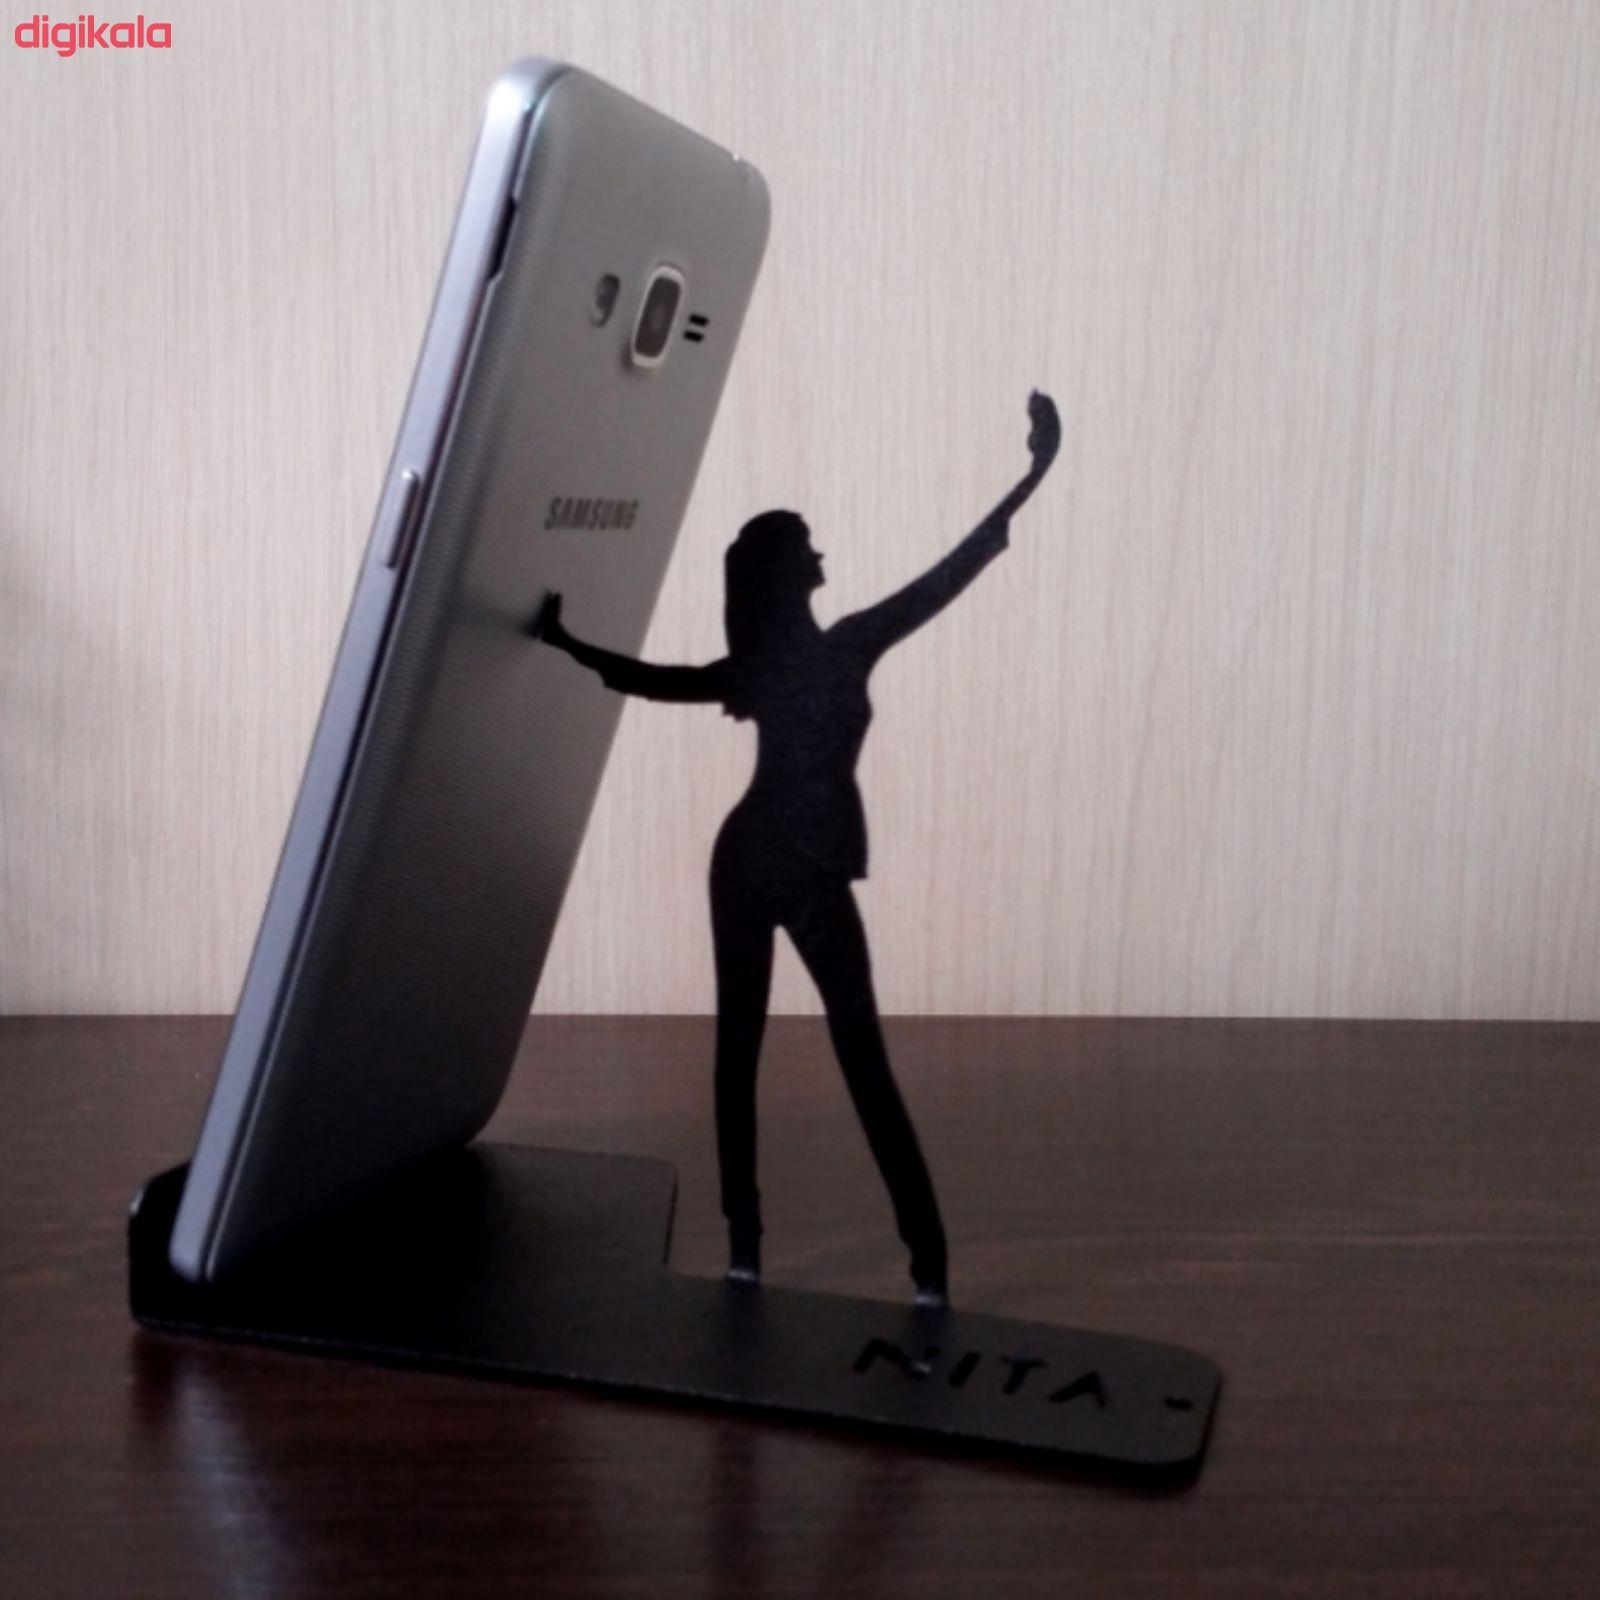 پایه نگهدارنده گوشی موبایل نیتا کد 206-1 main 1 2